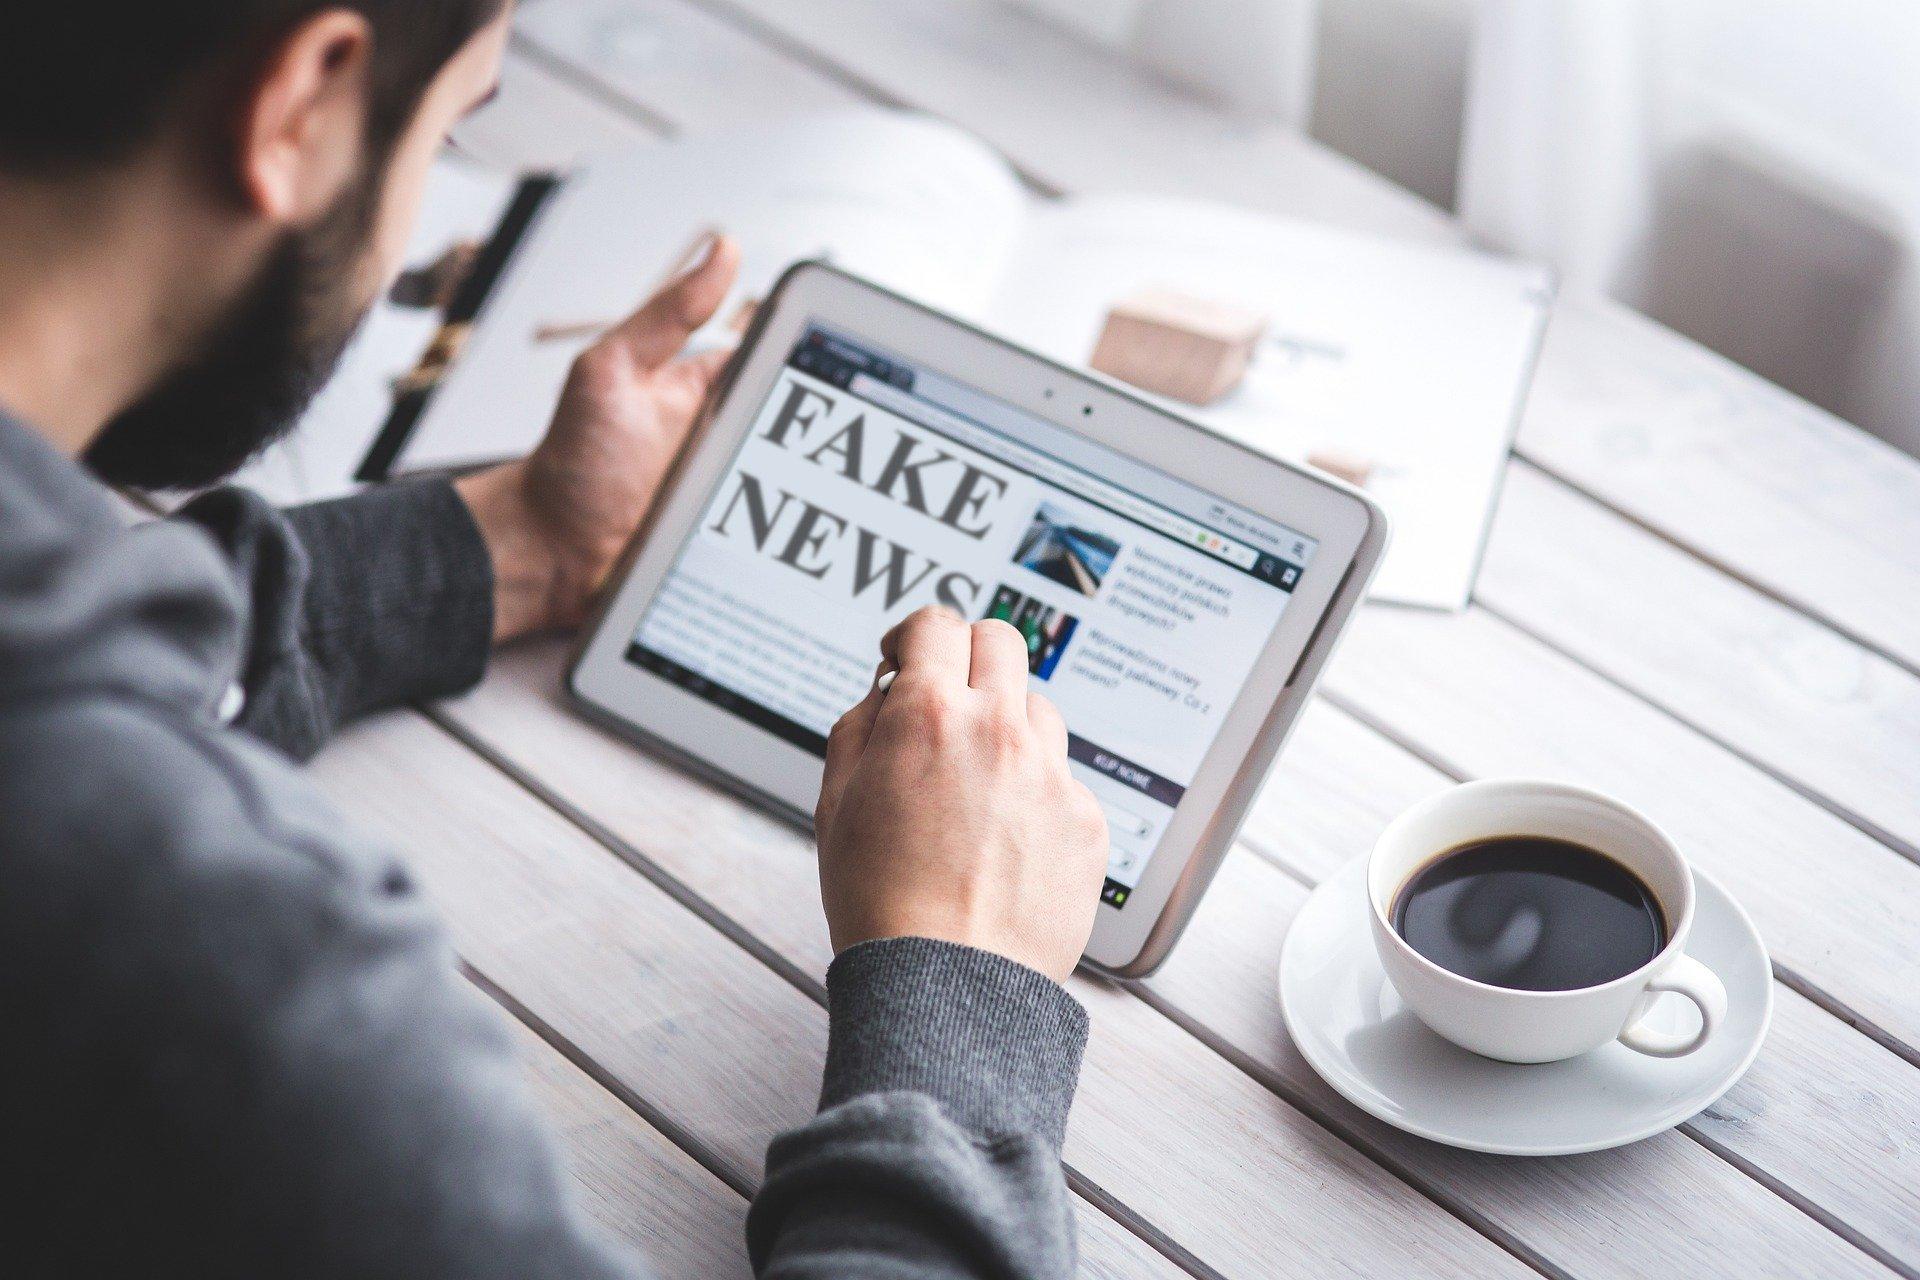 Câmara inicia debates públicos e prepara mudanças em texto contra fake news